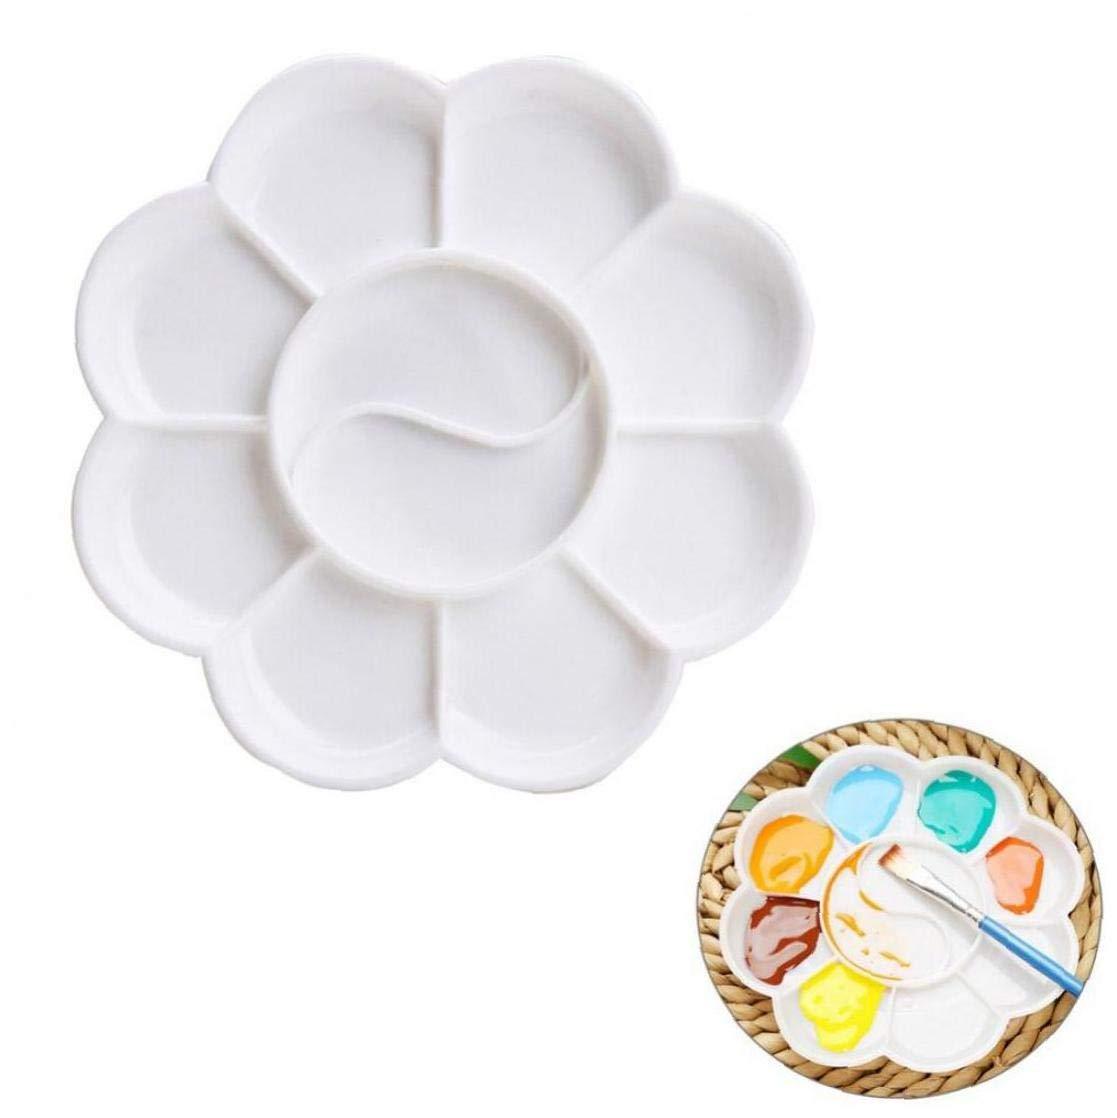 Bontand Vaschetta per Pittura Tavolozze di Plastica Dipinto Ad Acquerelli Mixing Palette per Il Mestiere di DIY Professionale Arte Pittura